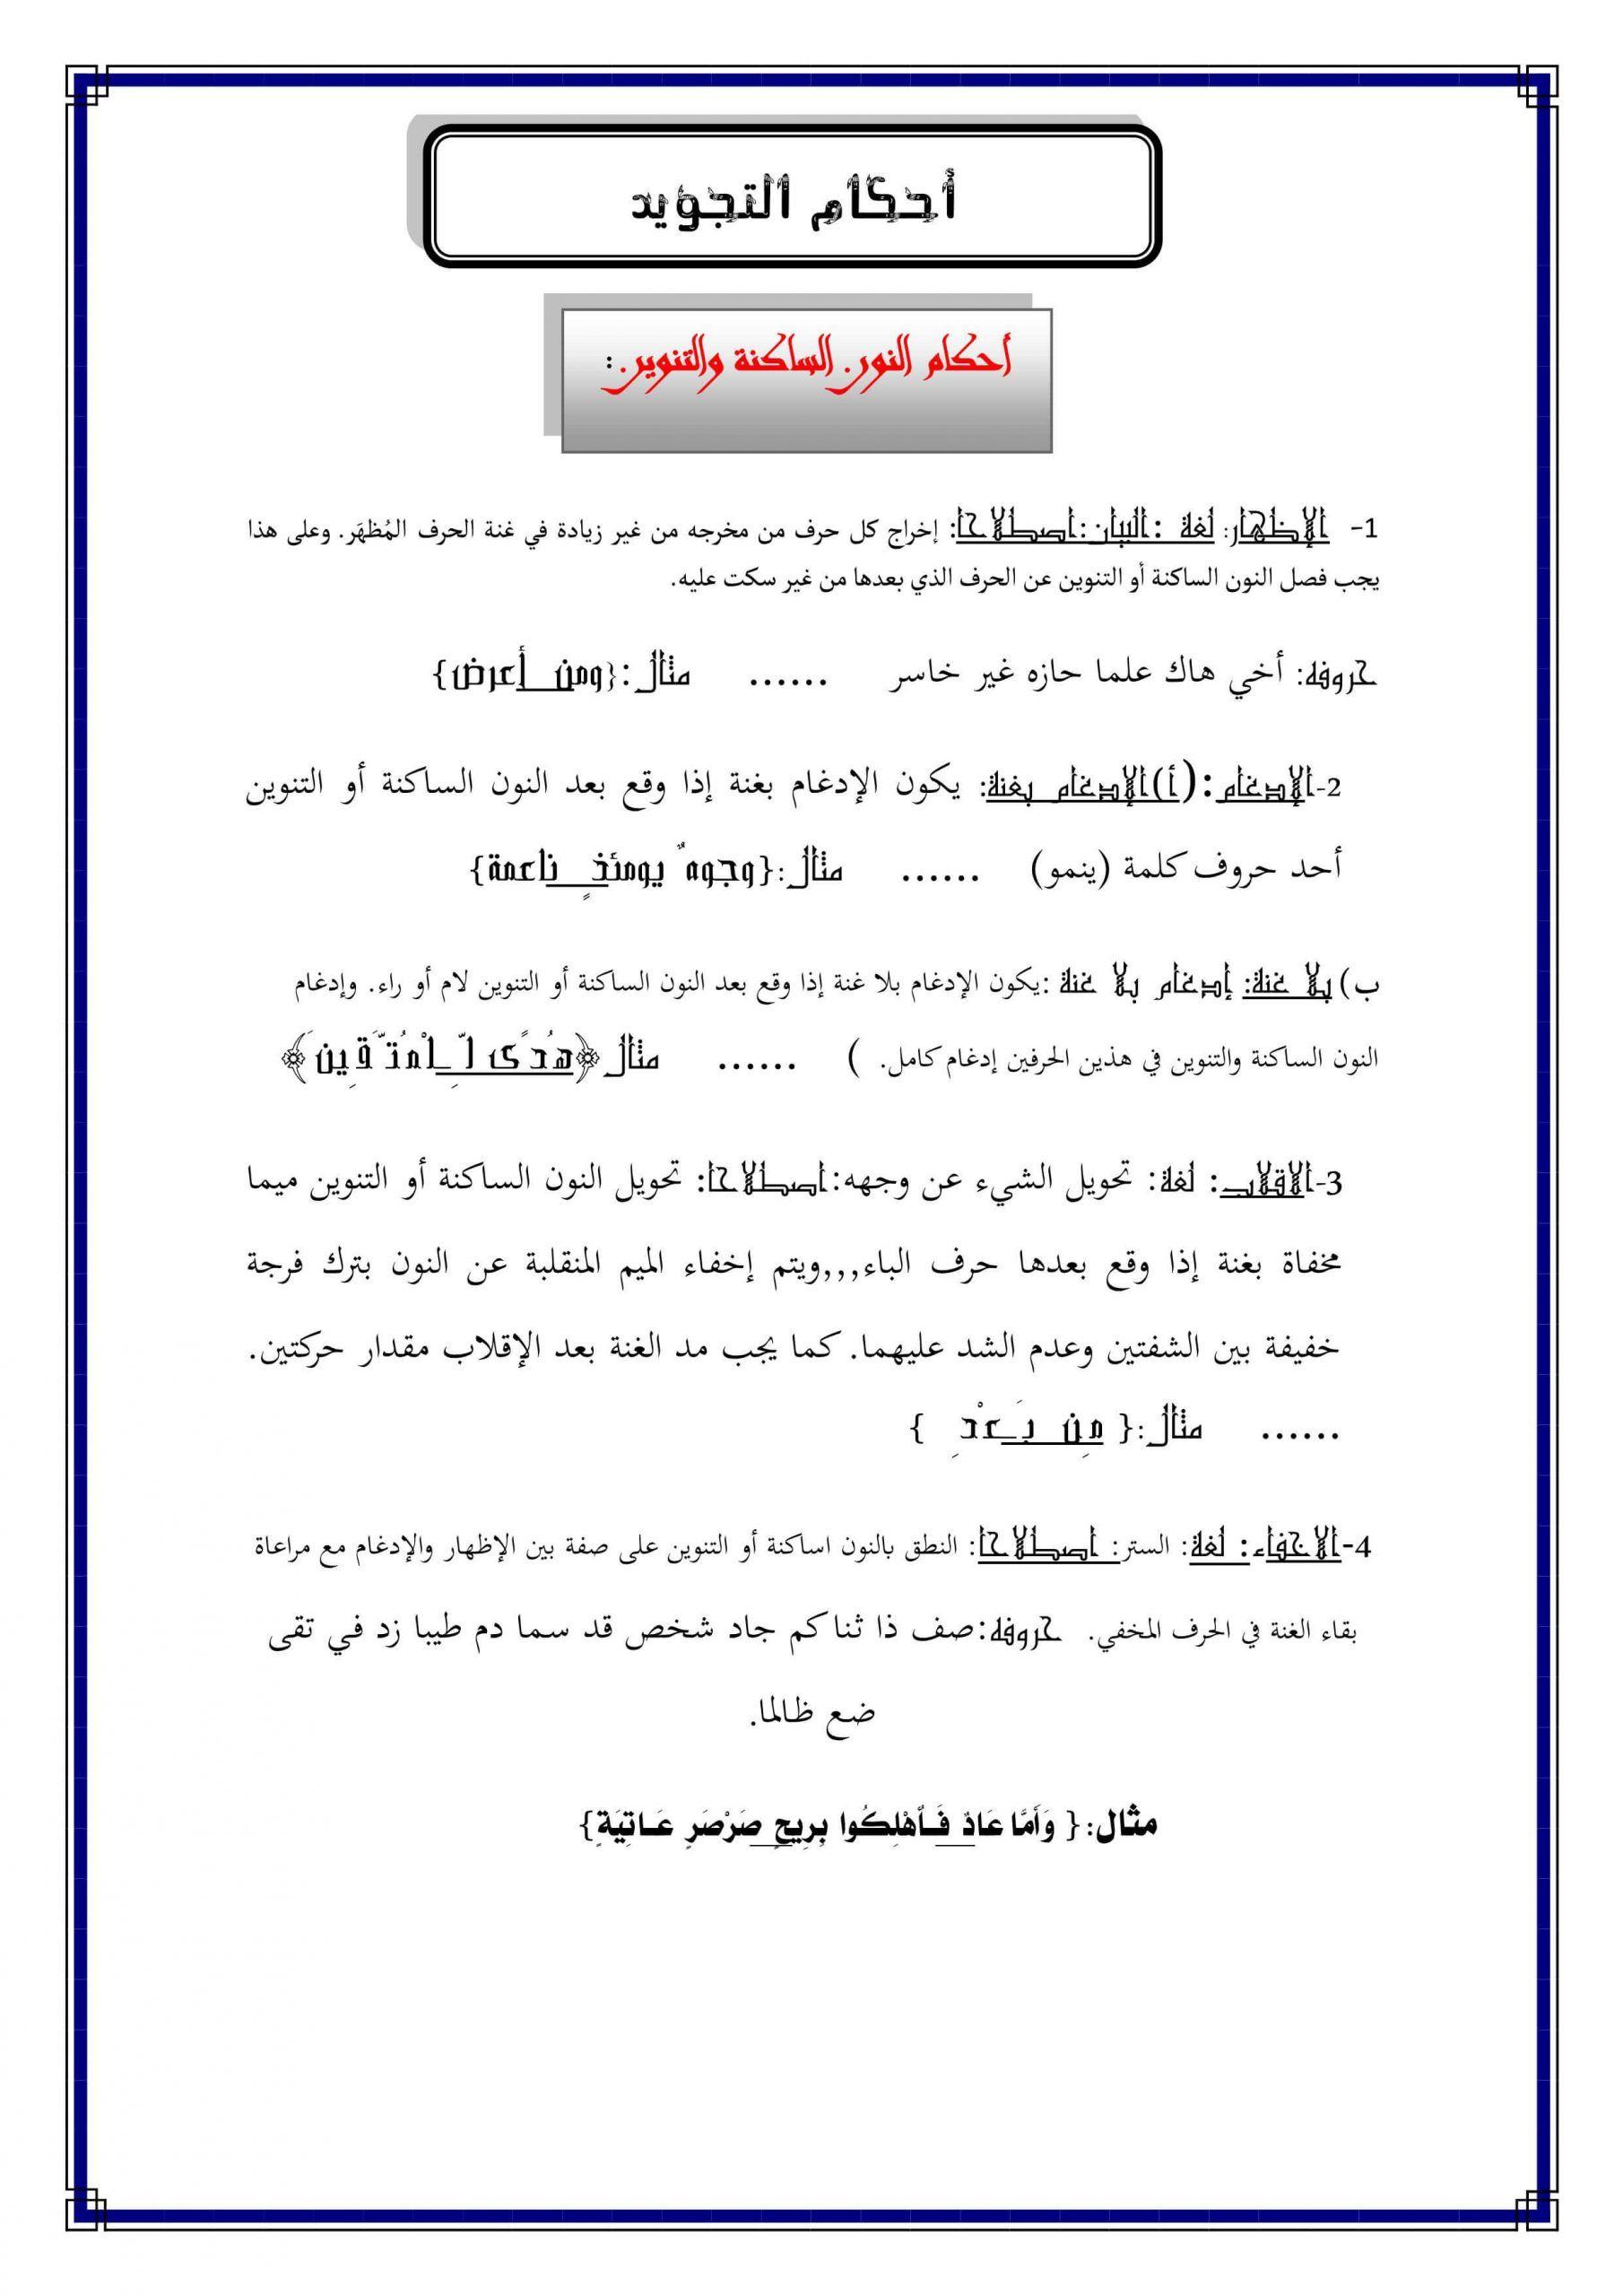 ملخص احكام التجويد الفصل الدراسي الاول للصف الثامن مادة التربية الاسلامية Math Math Equations